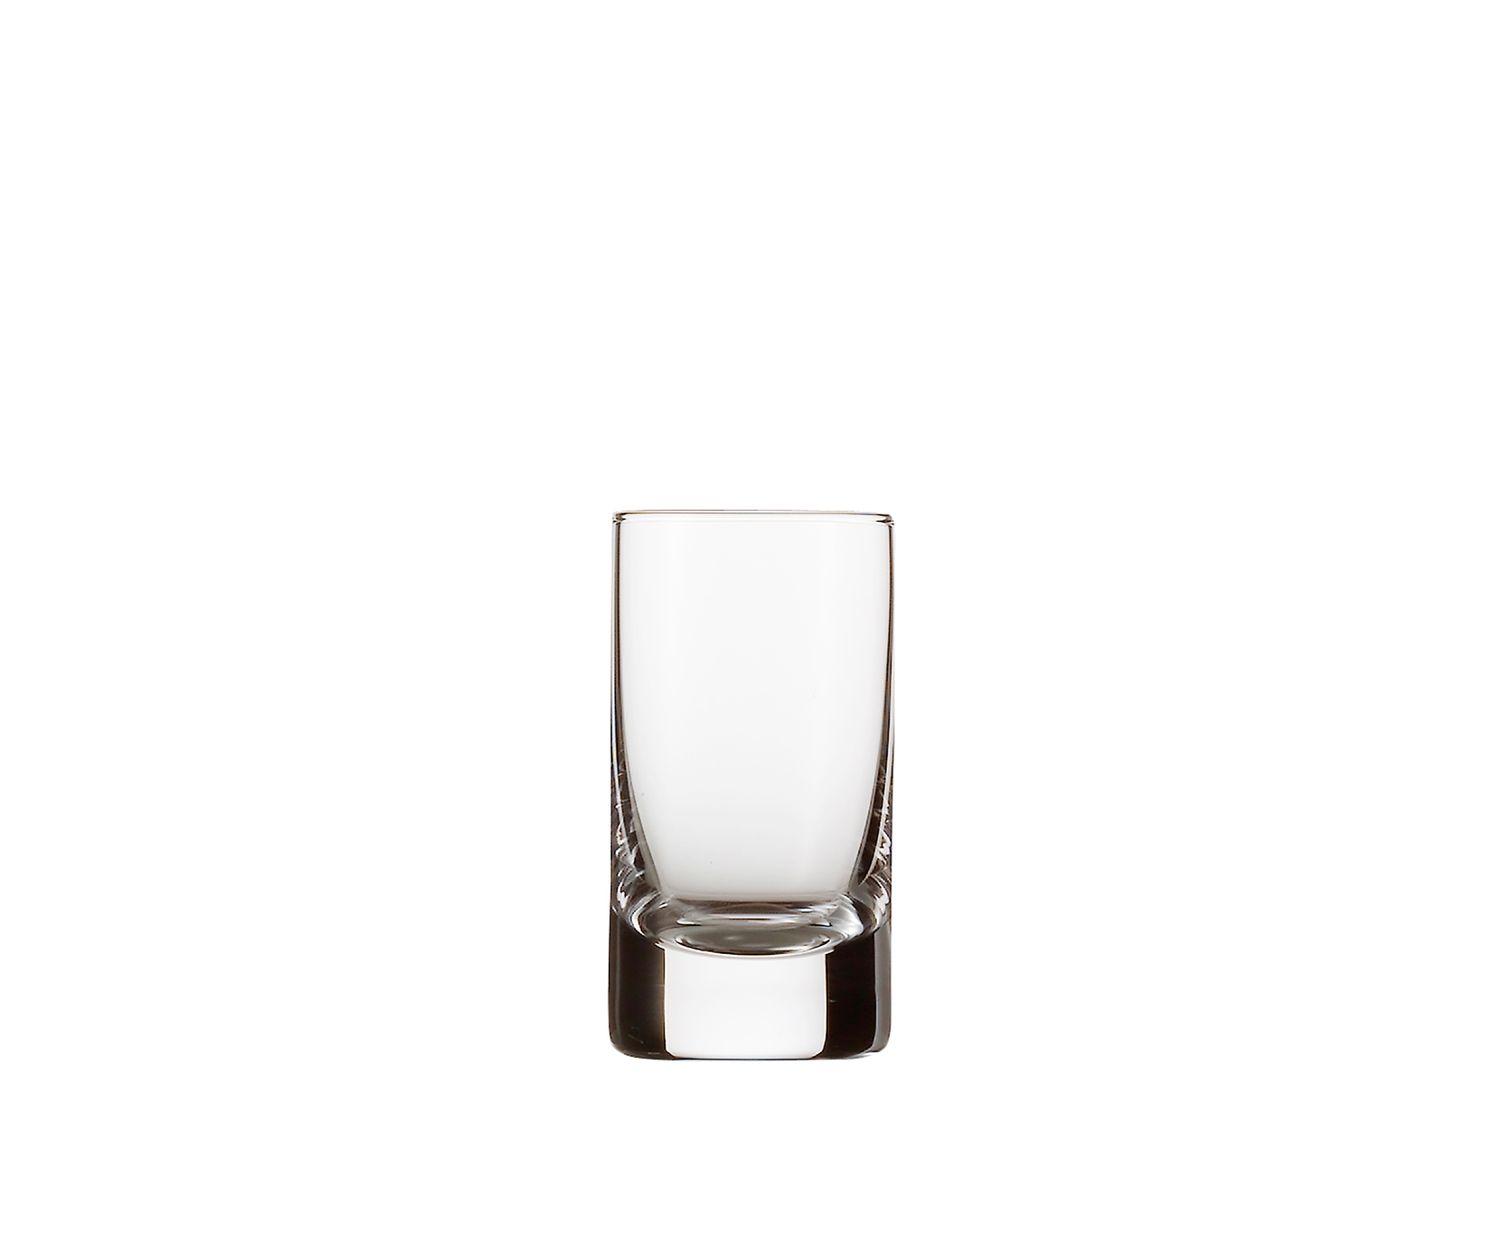 Eisch Stamper Glas Superior Sensis Plus, 6 Stk